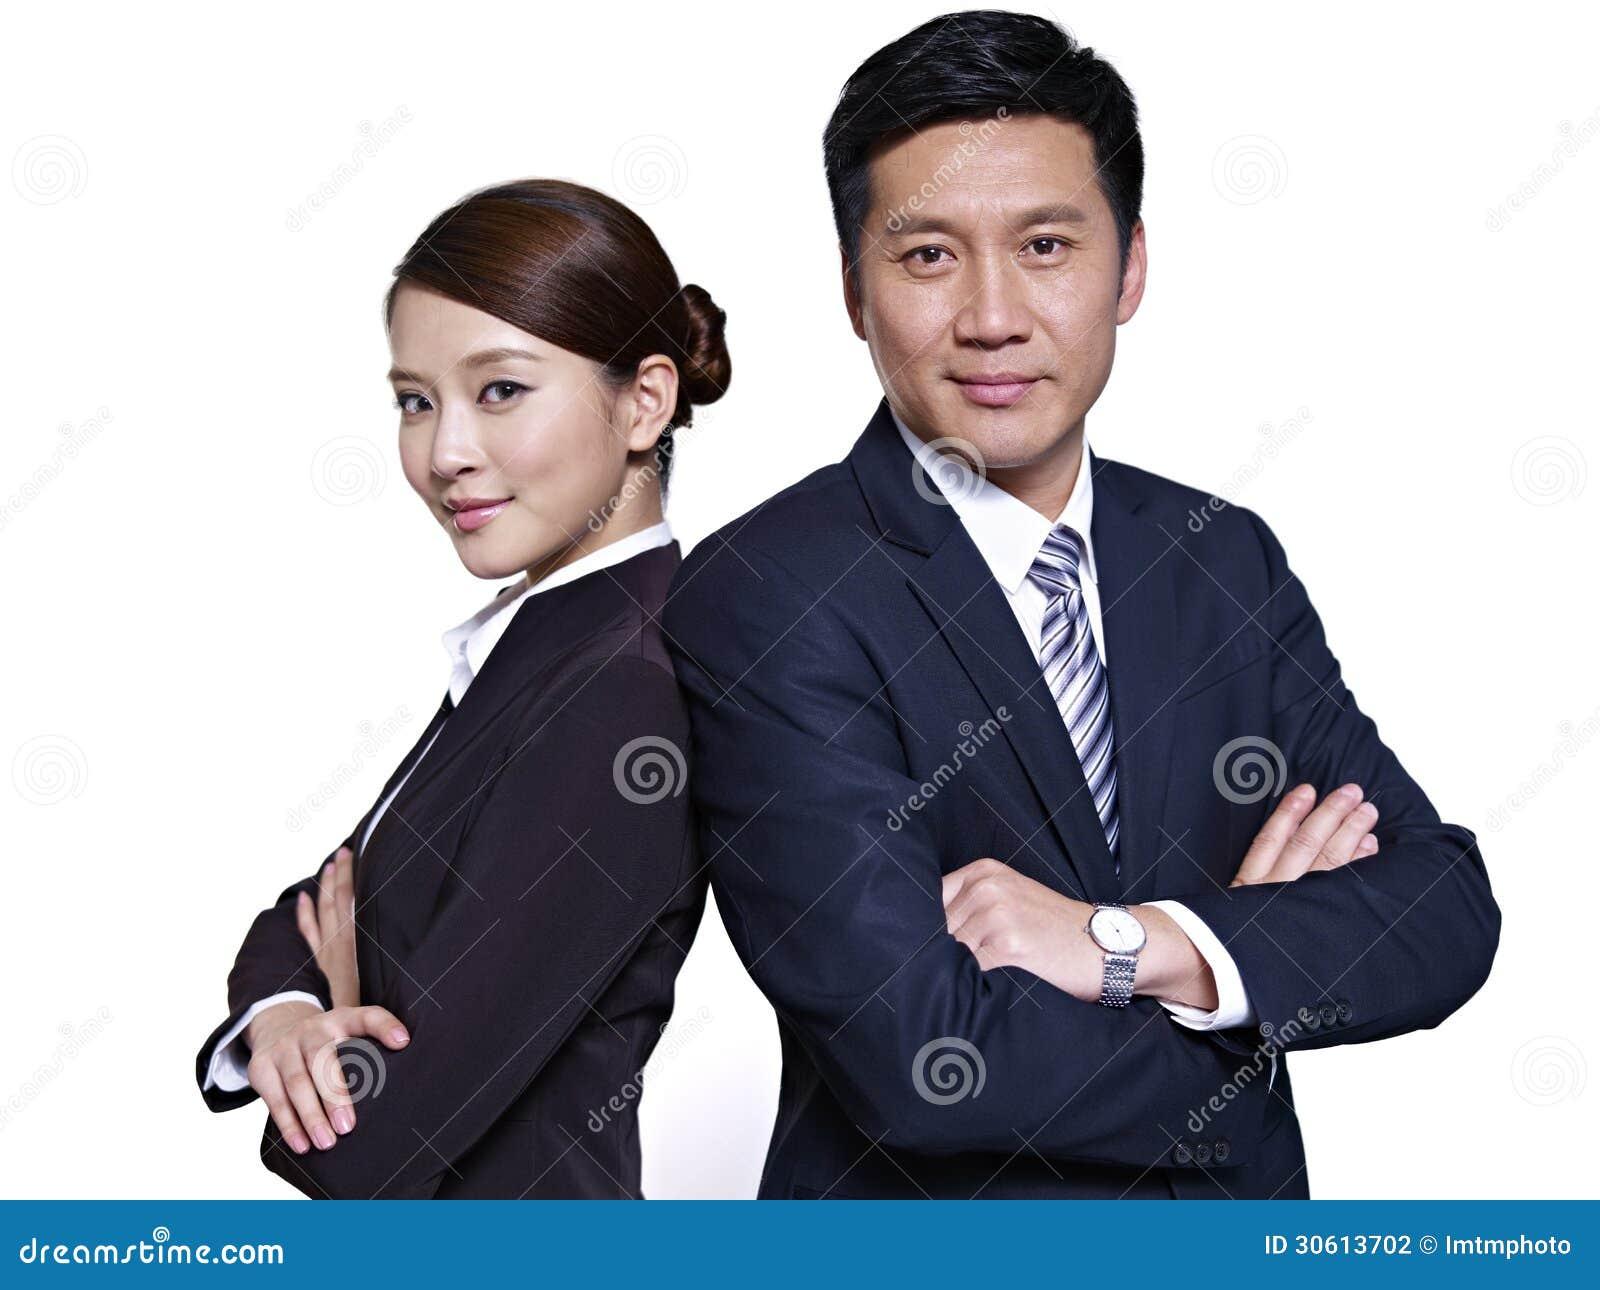 Ролевая по азиатам 5 фотография